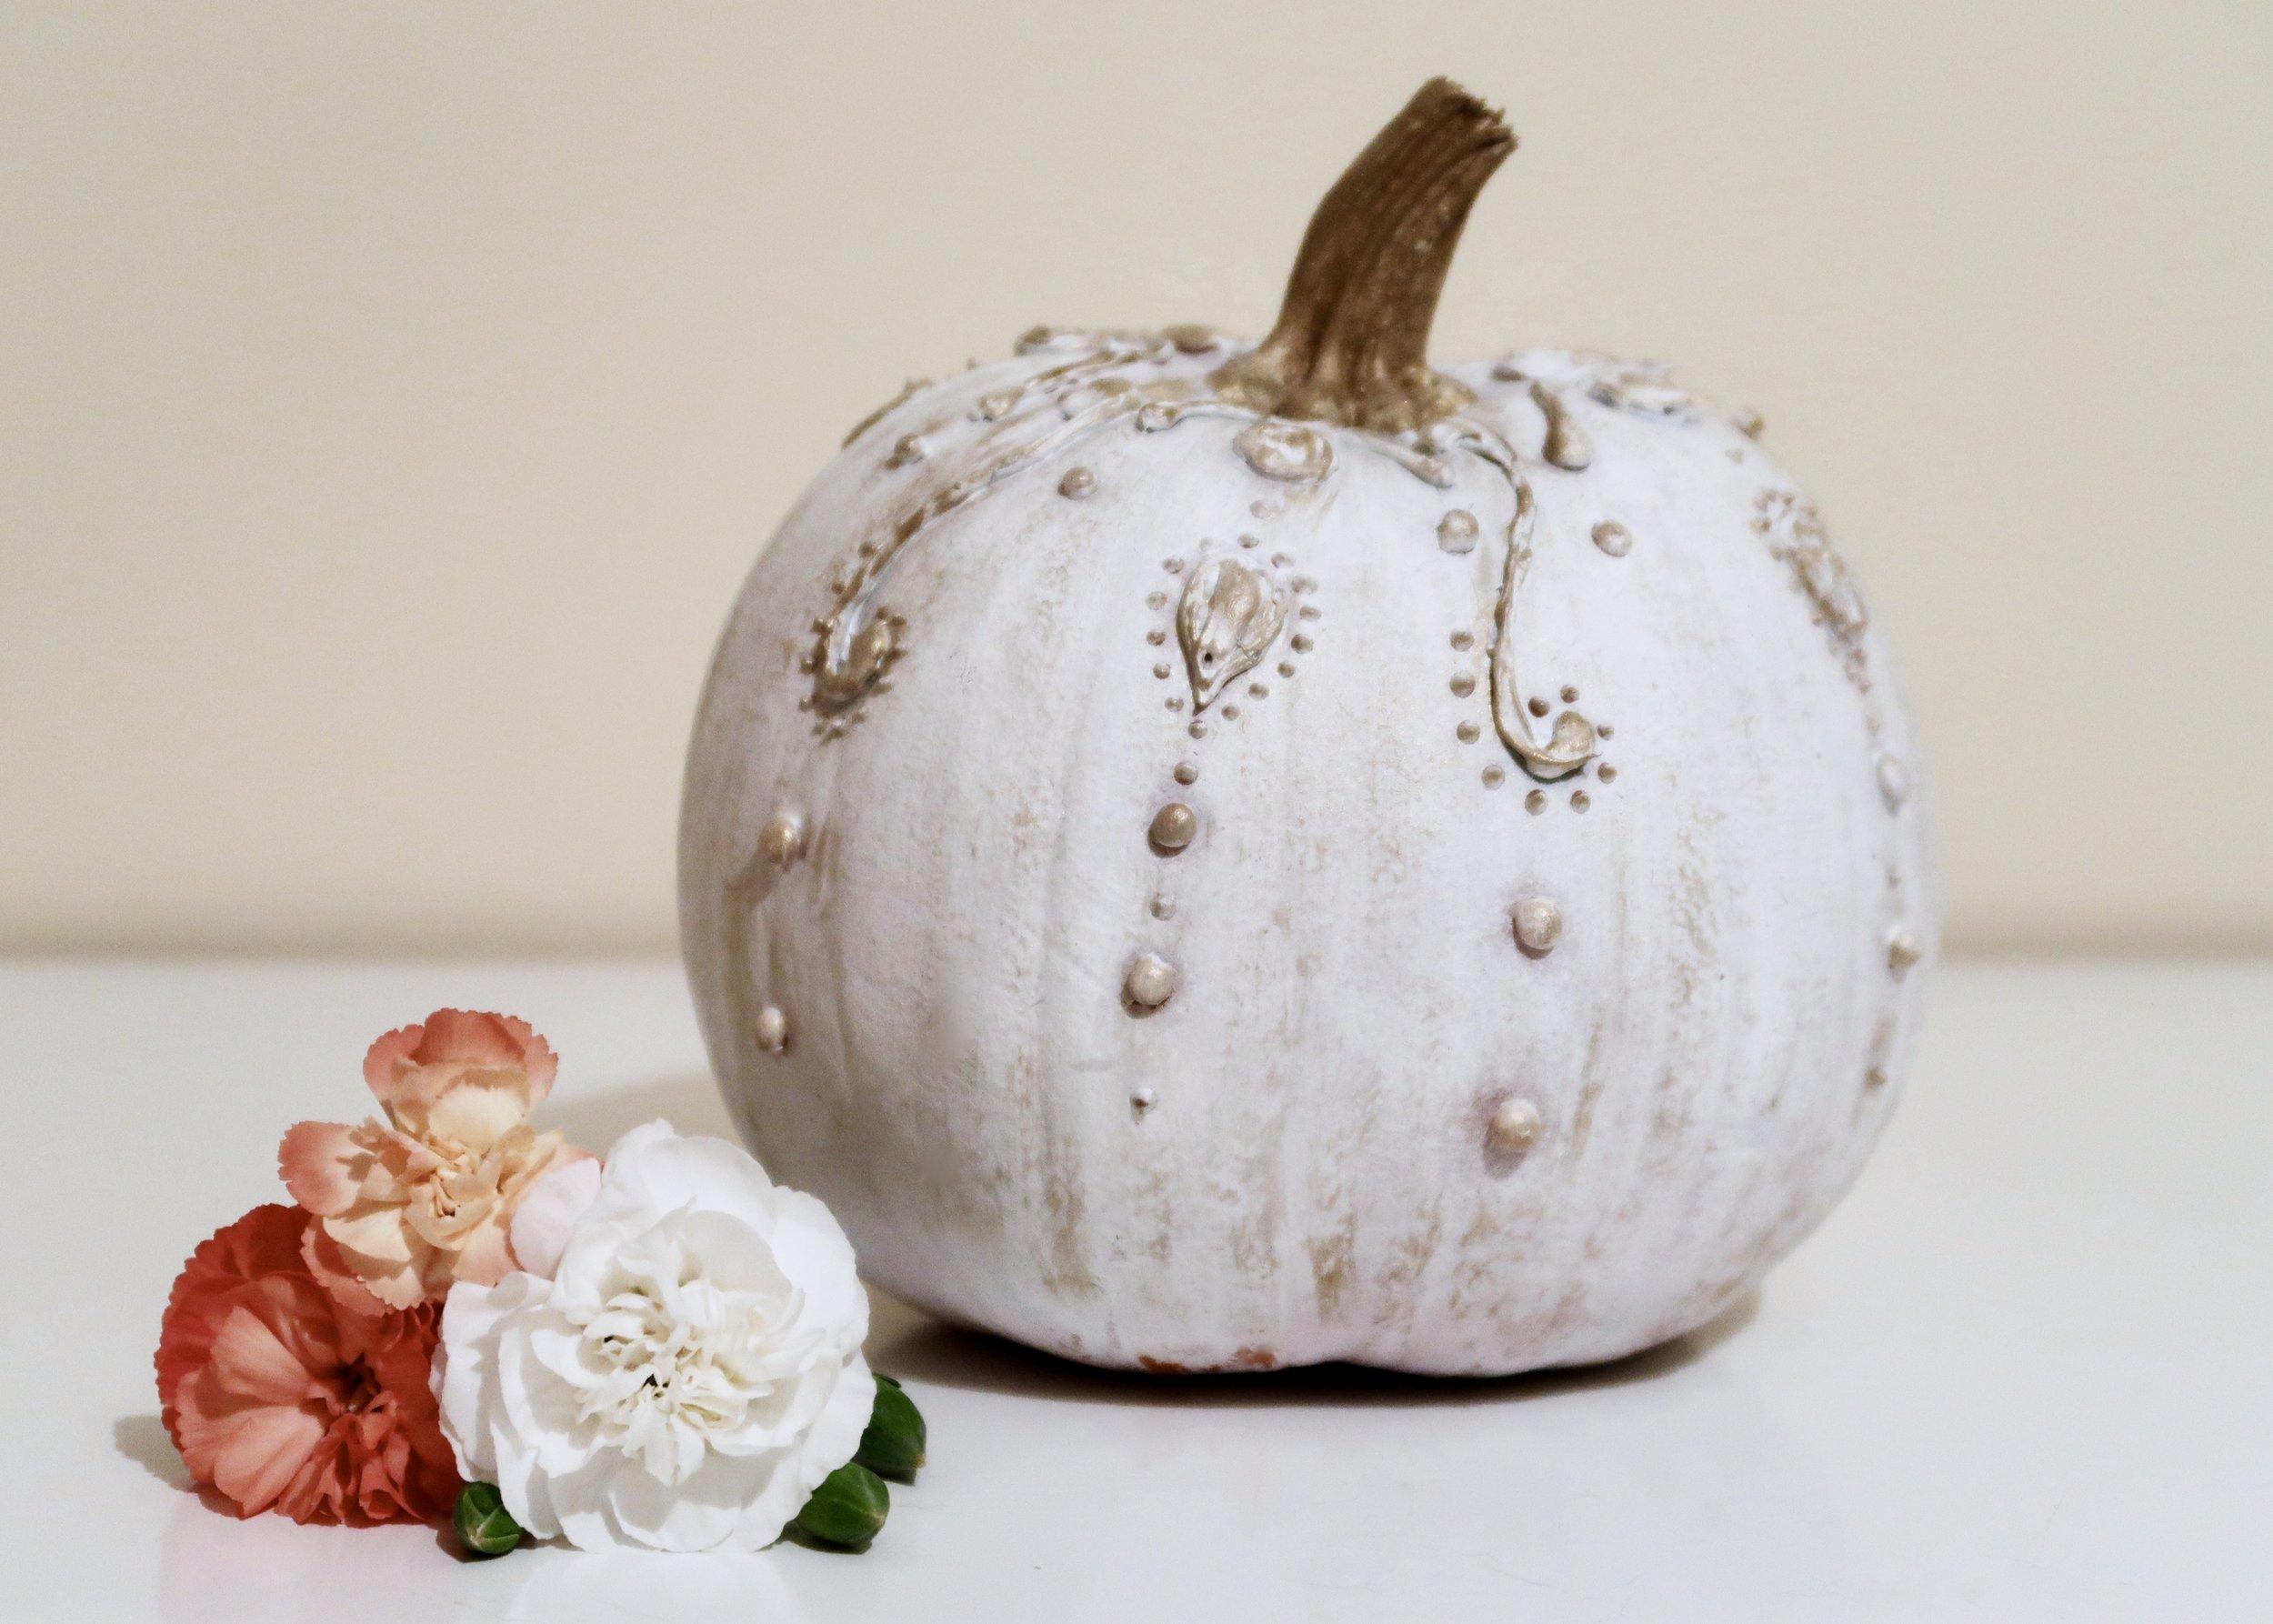 DIY No-Carve Vintage Pumpkins by Isoscella